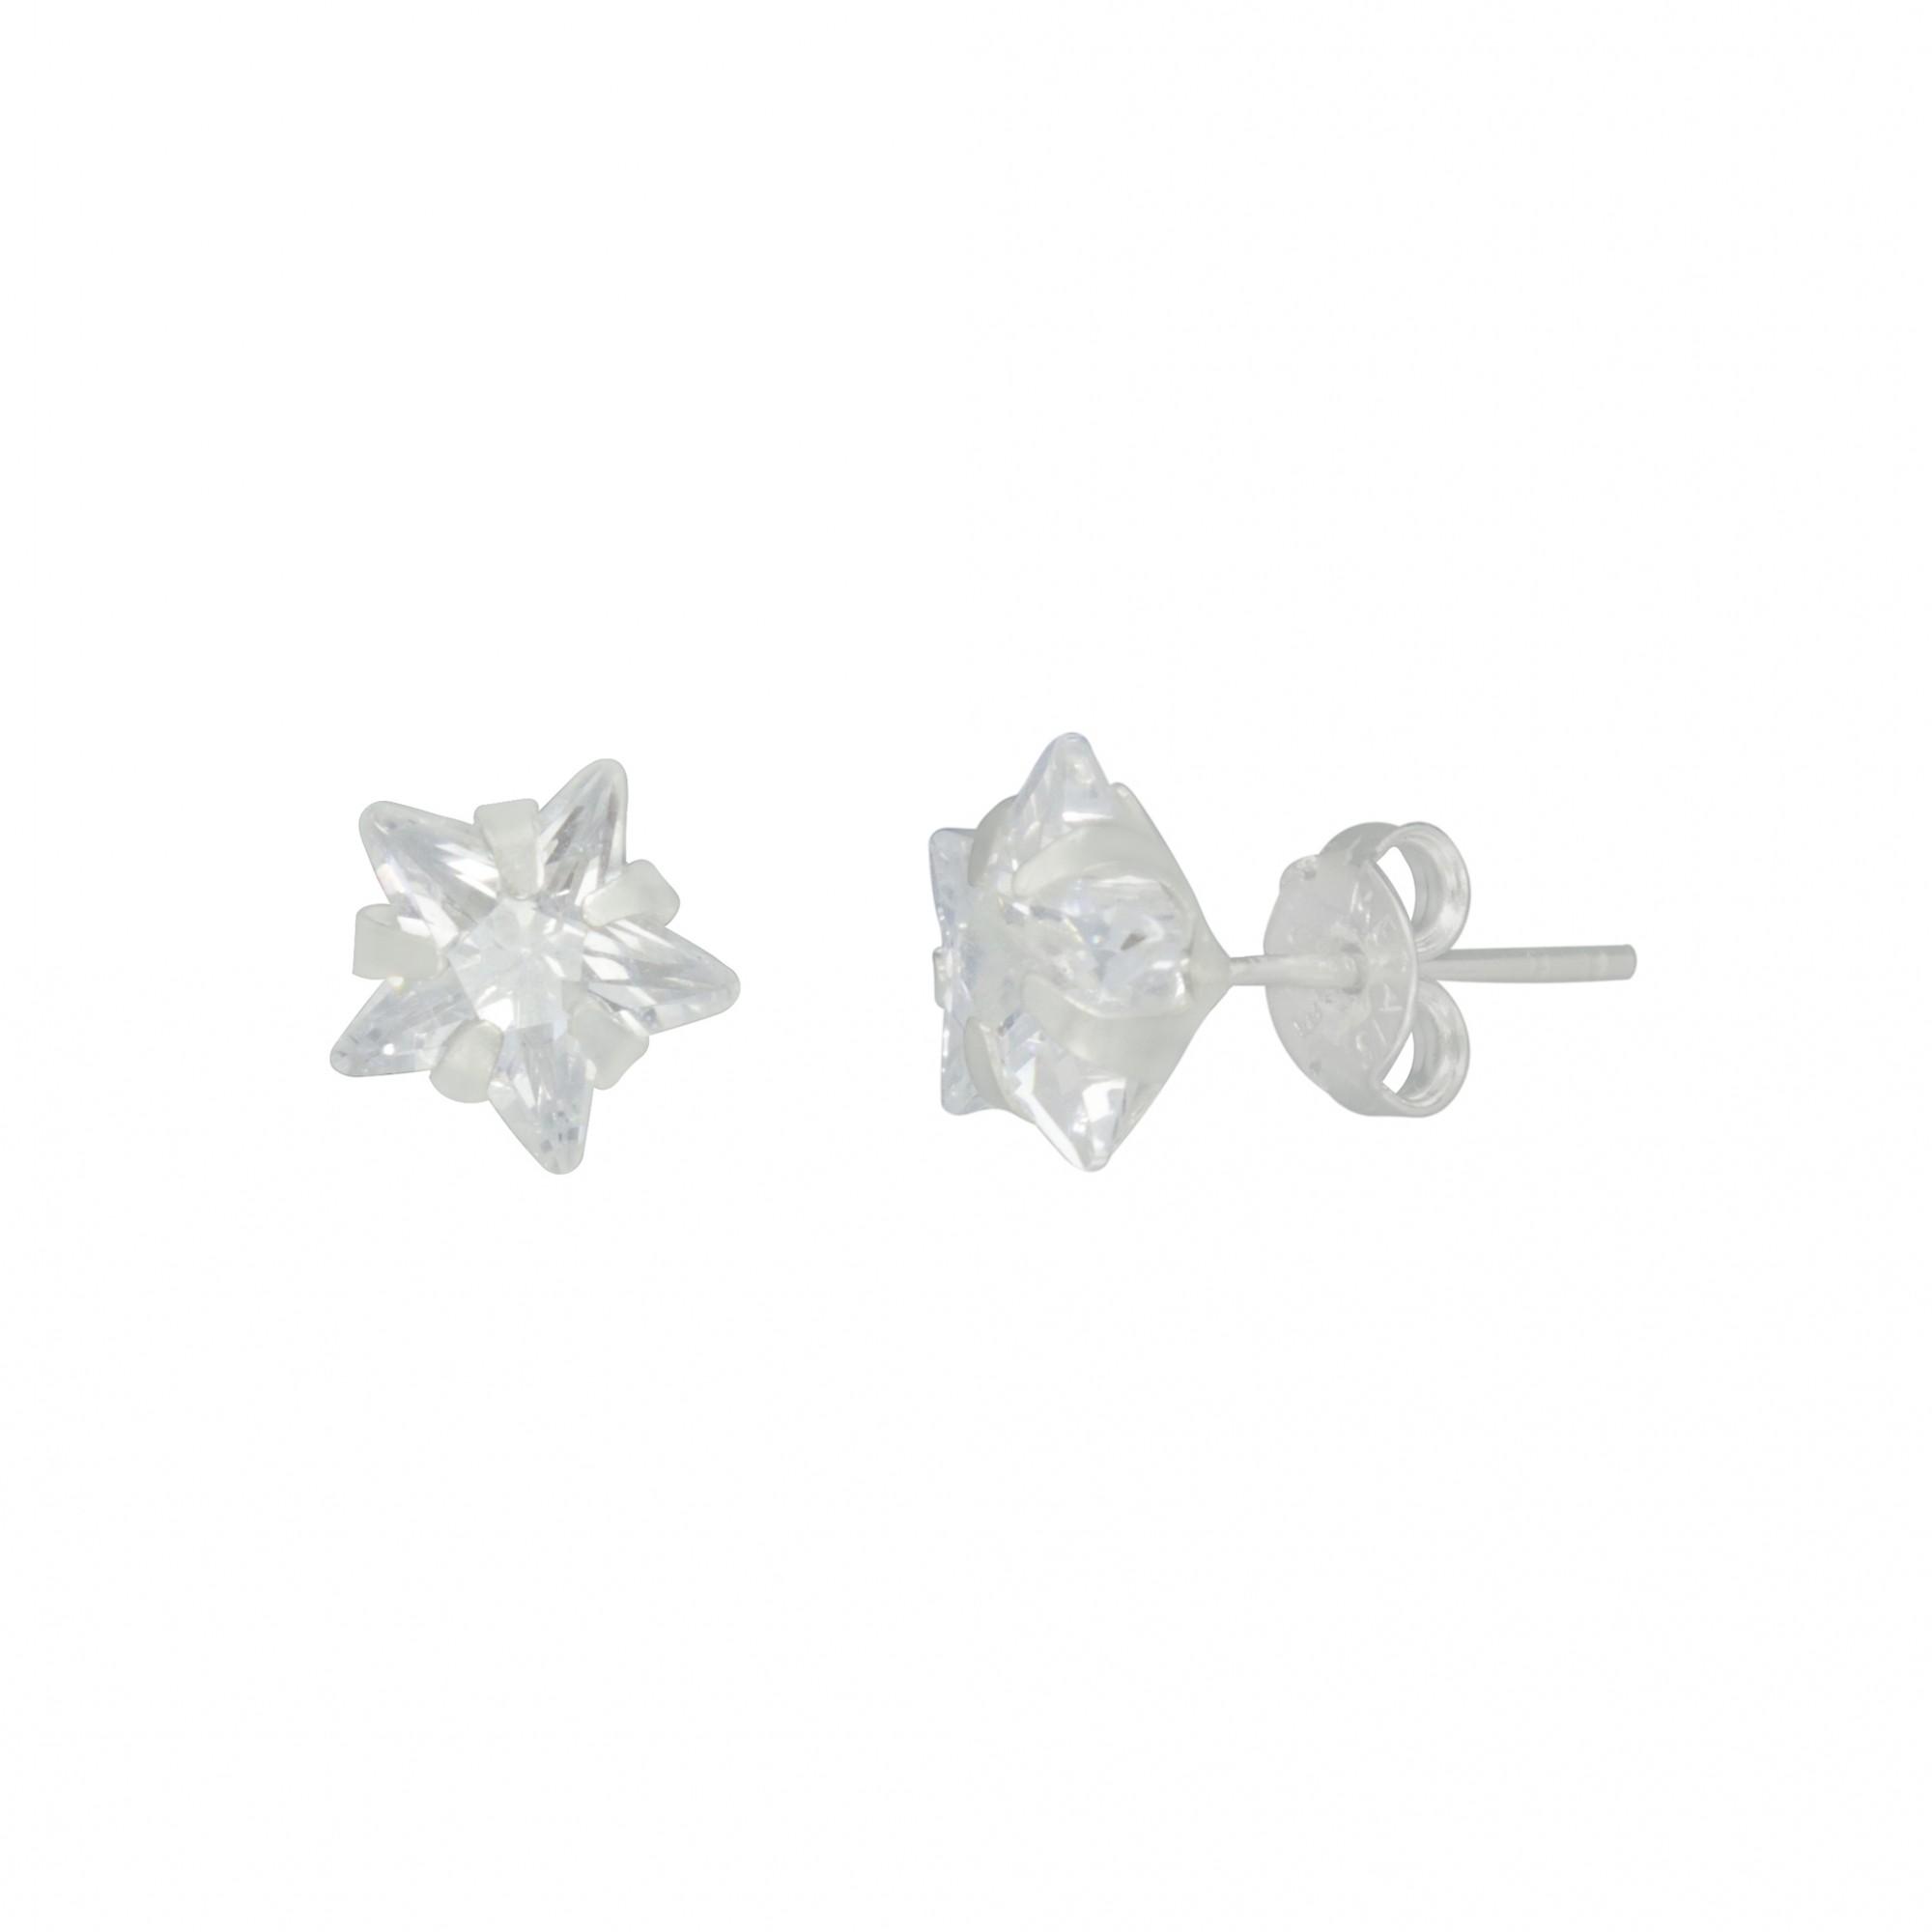 Brinco único/ Trio joia prata 925 maciça Zircônia estrela